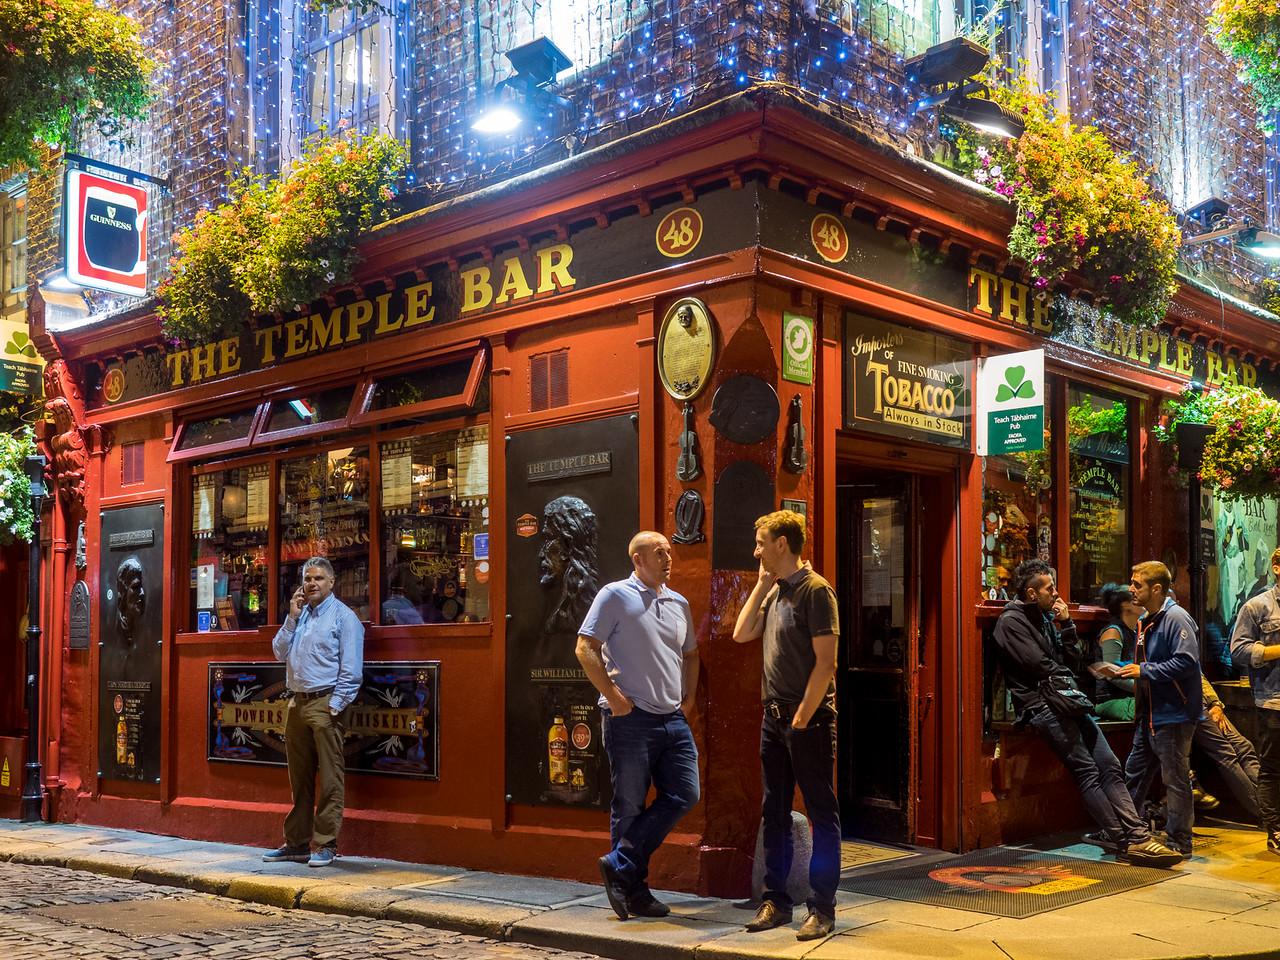 The temple bar – Dublin